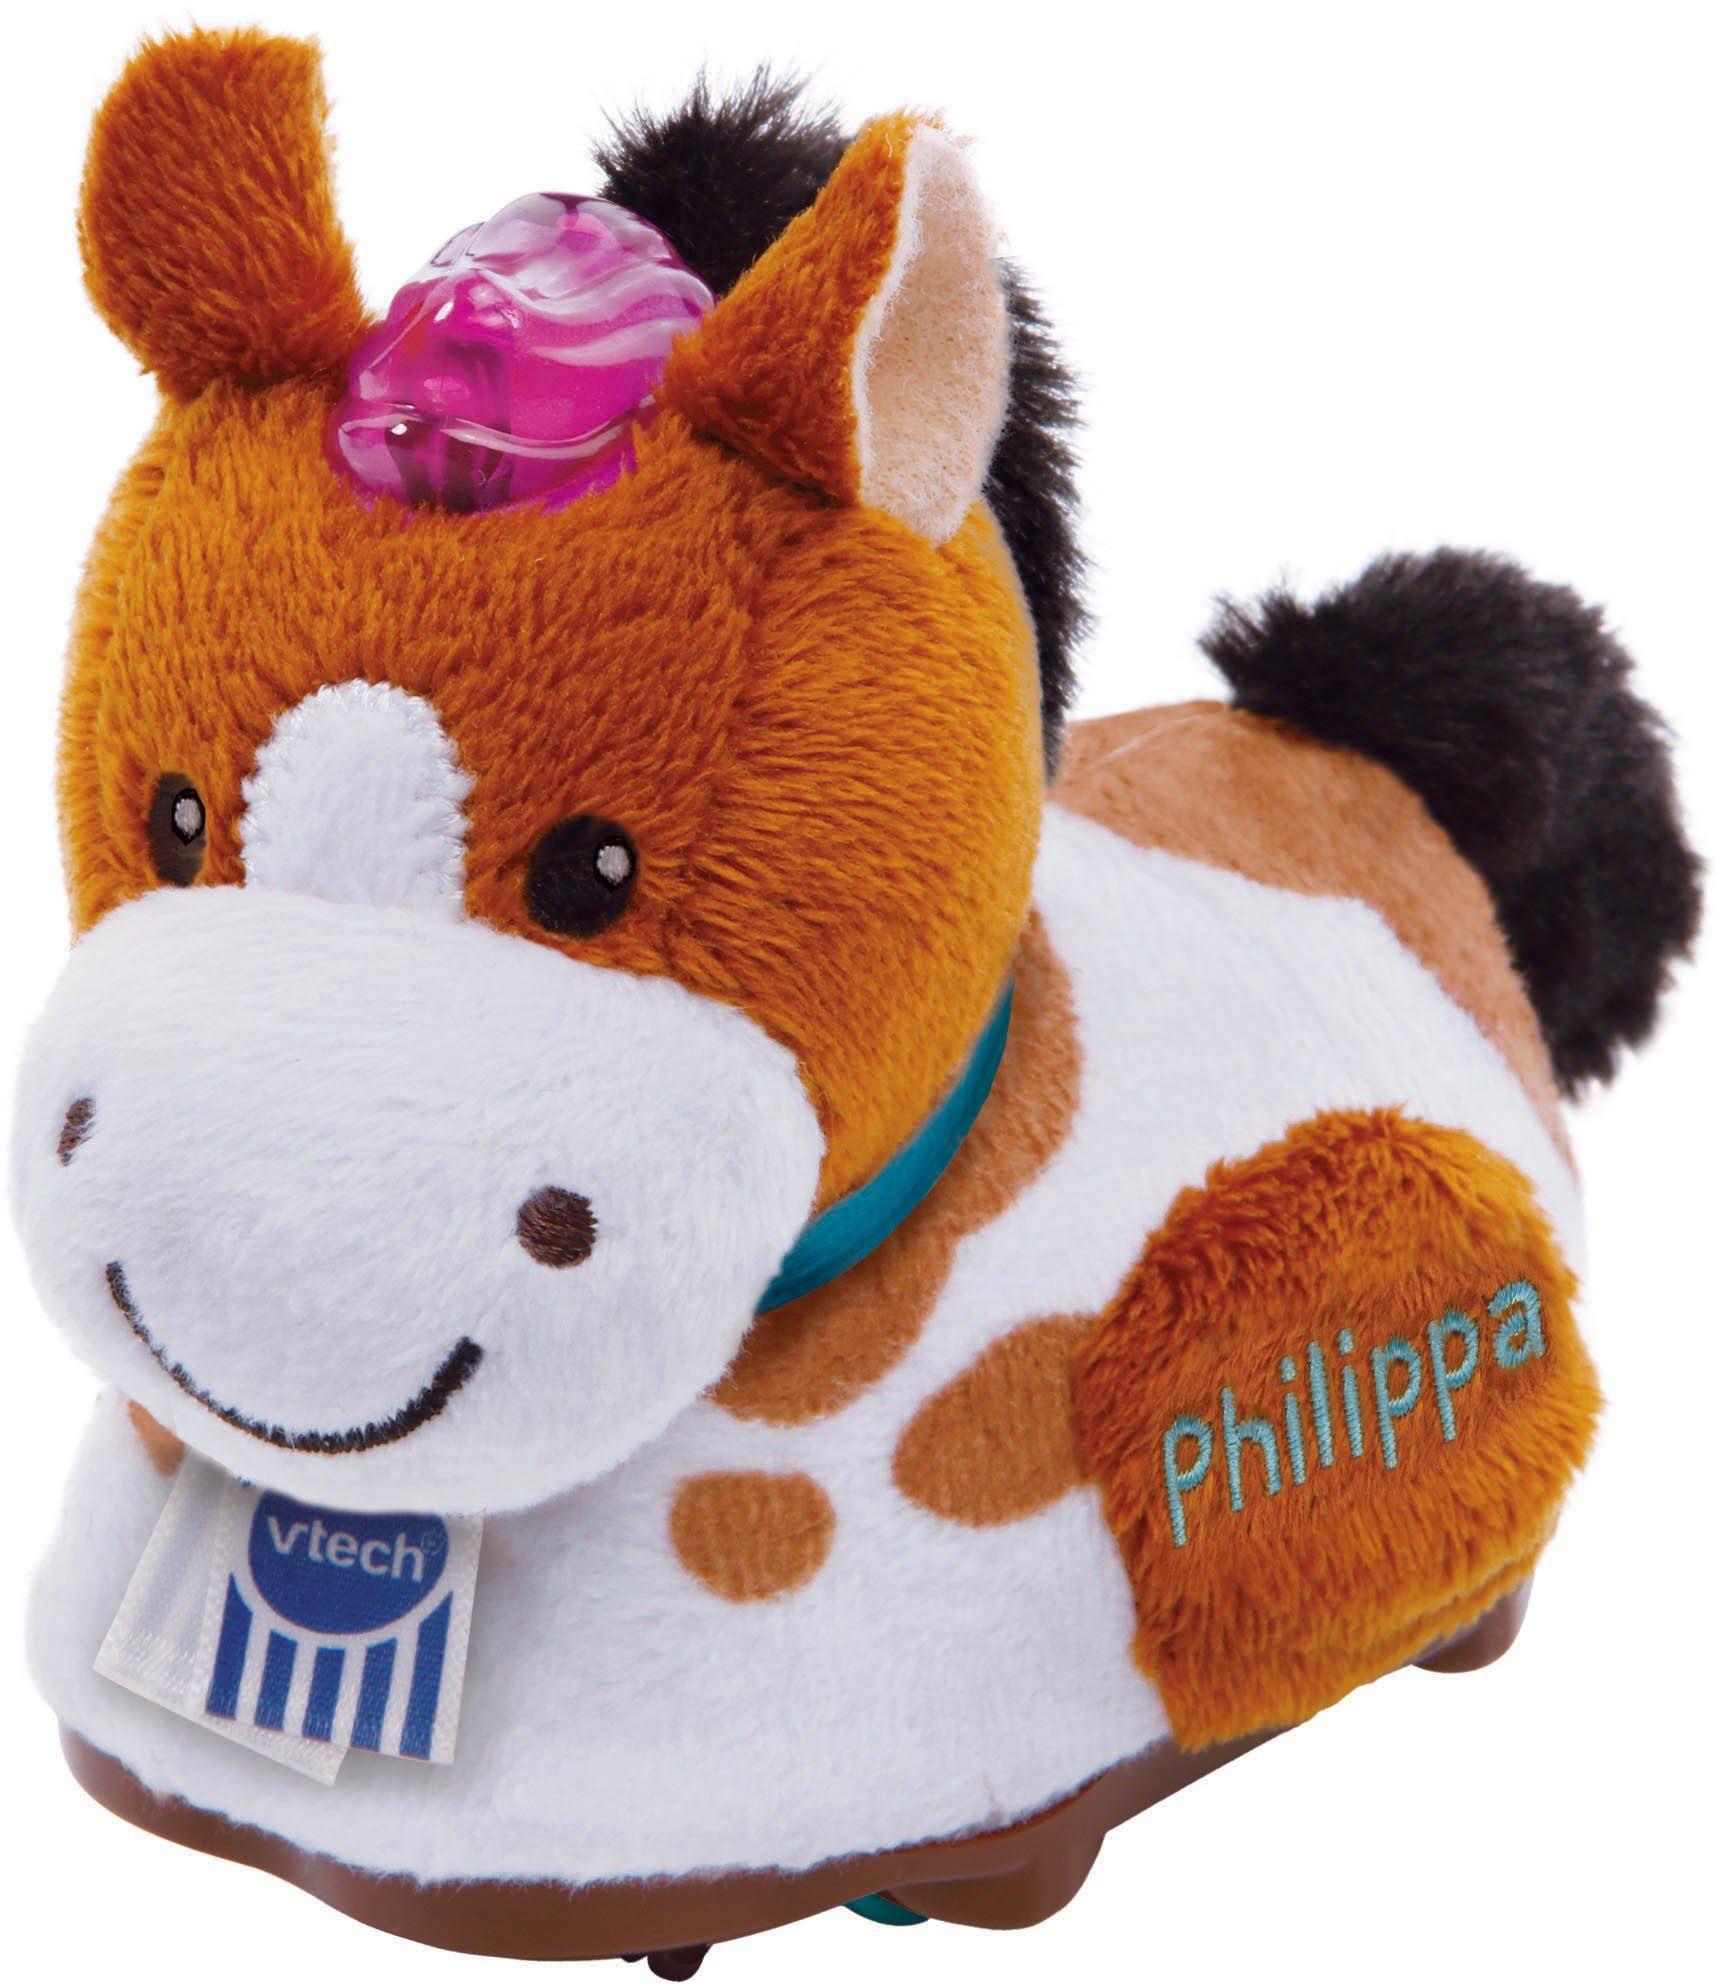 VTech Kuschelige Spielfigur mit Licht und Sound, »Tip Tap Baby Tiere Plüsch Pferd«